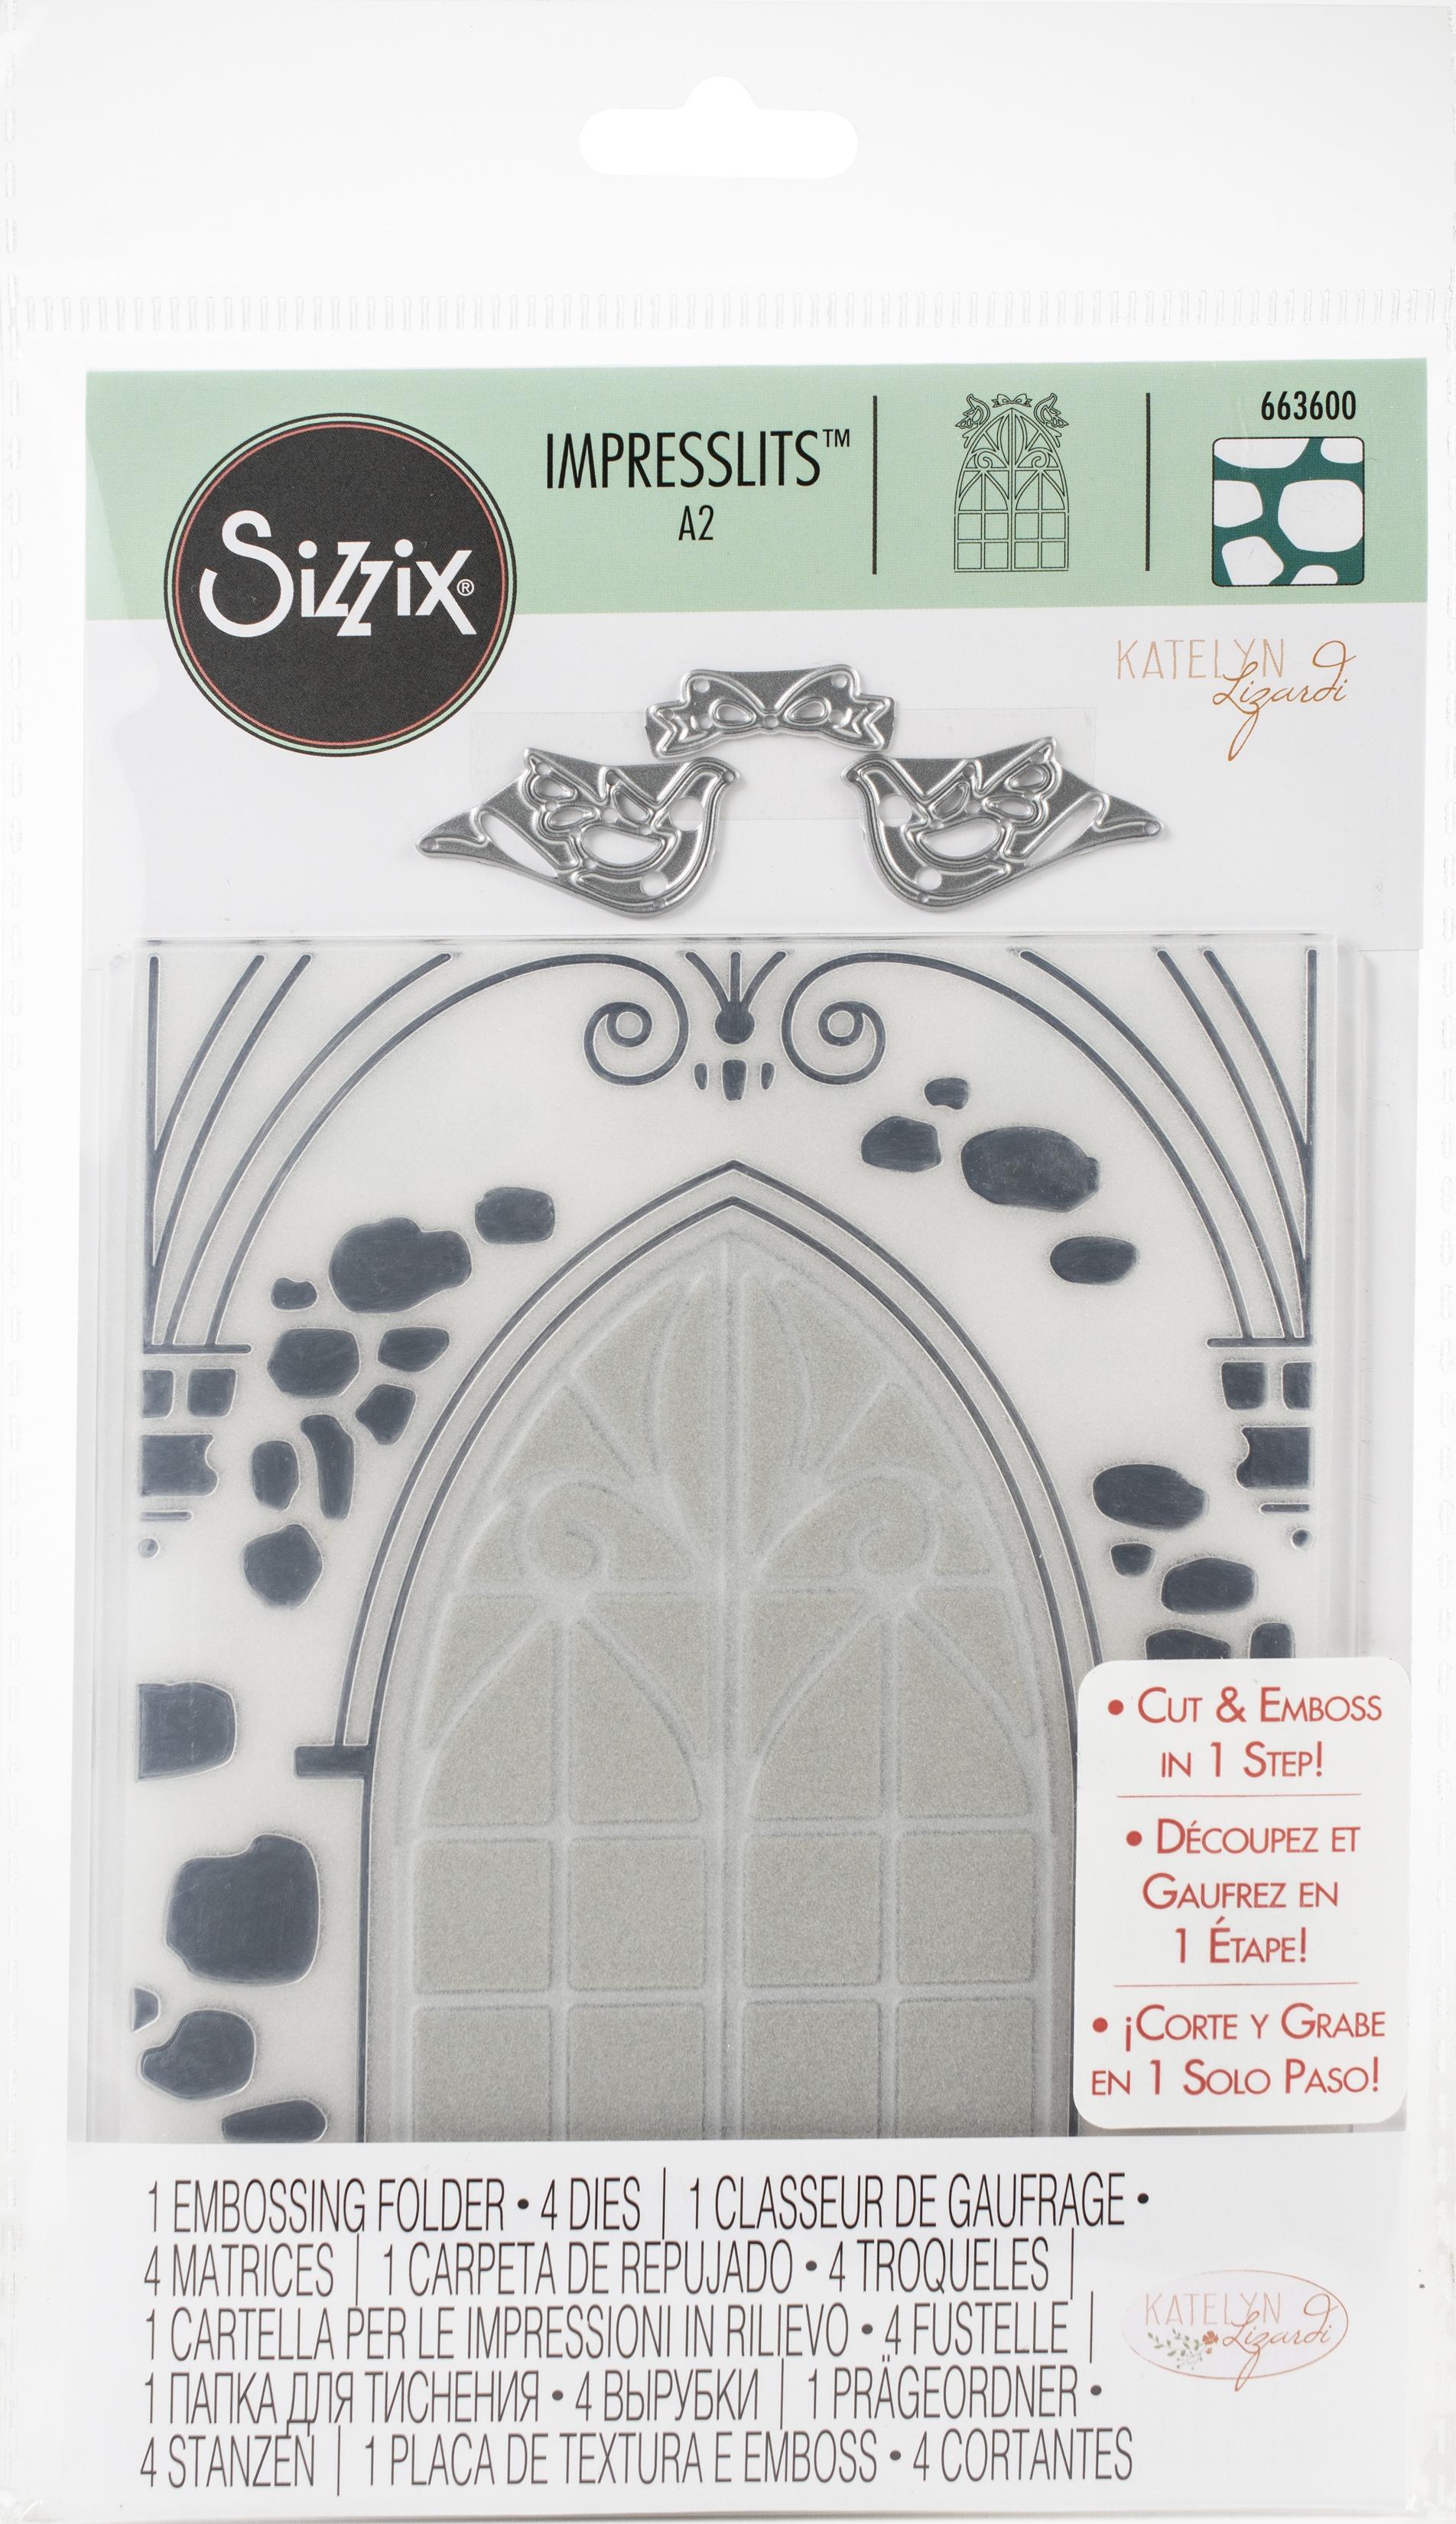 Sizzix Impresslits Embossing Folder By Katelyn Lizardi-Wedding Window